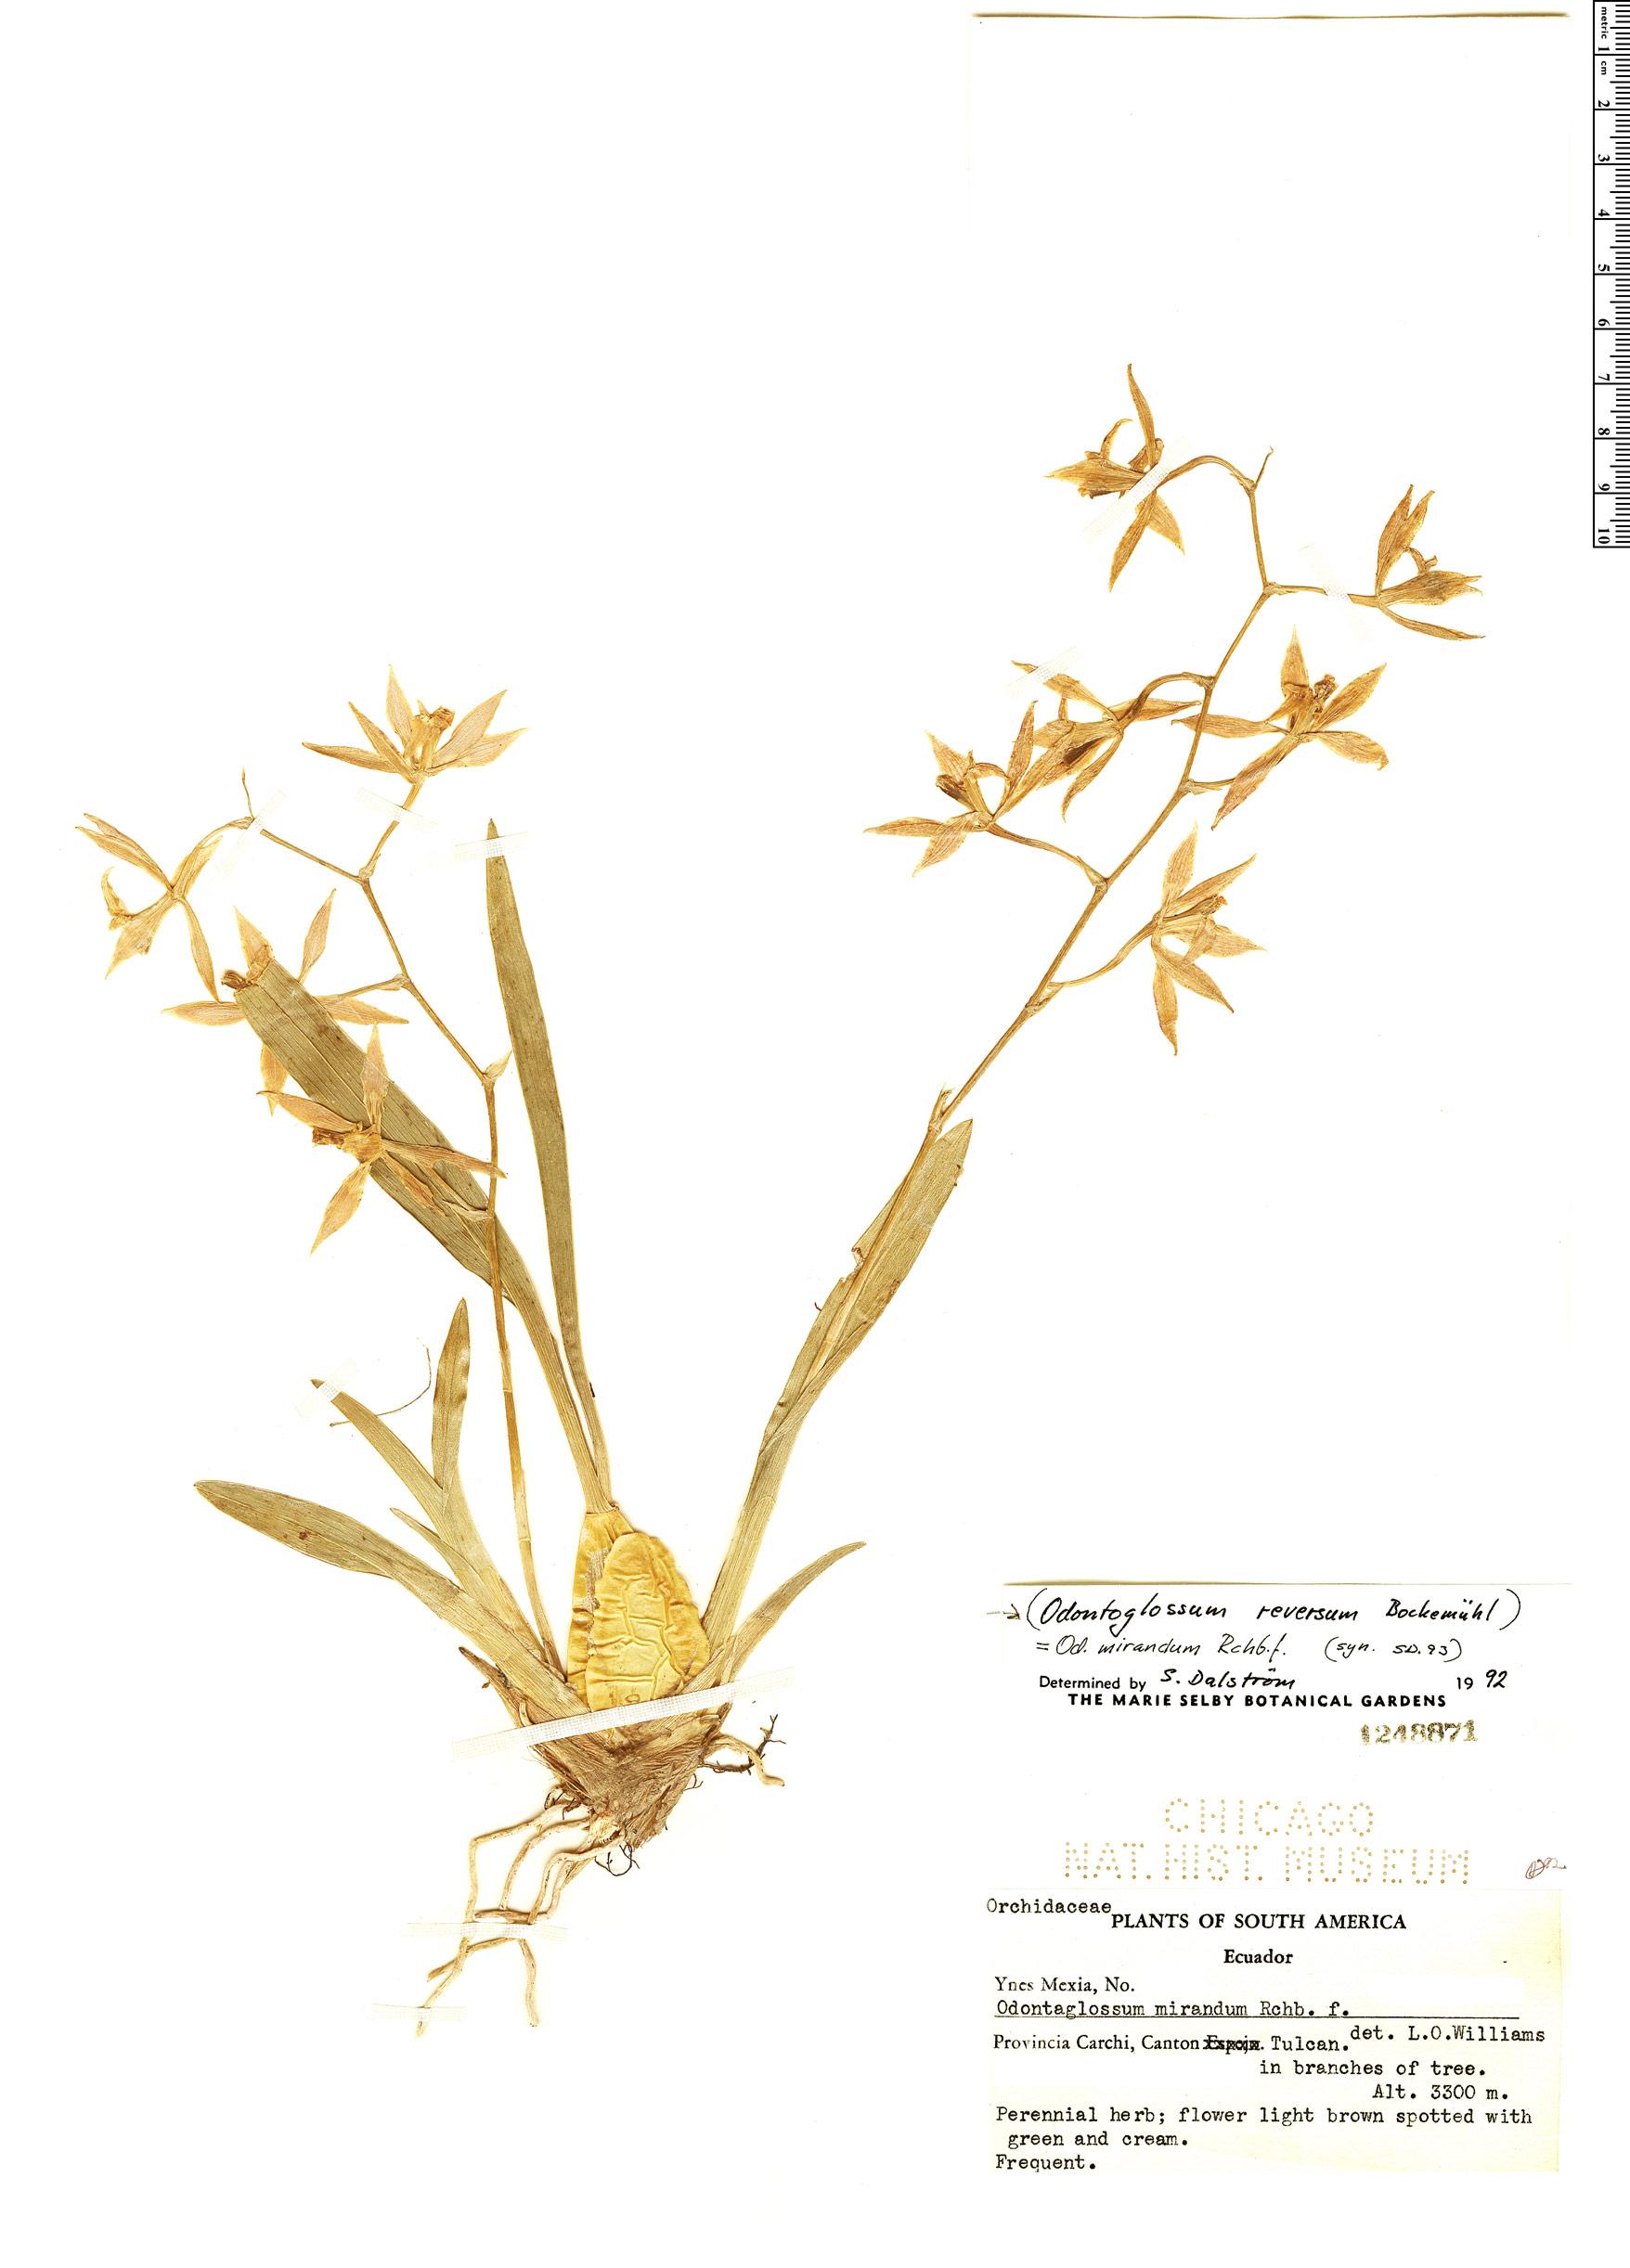 Specimen: Odontoglossum reversum